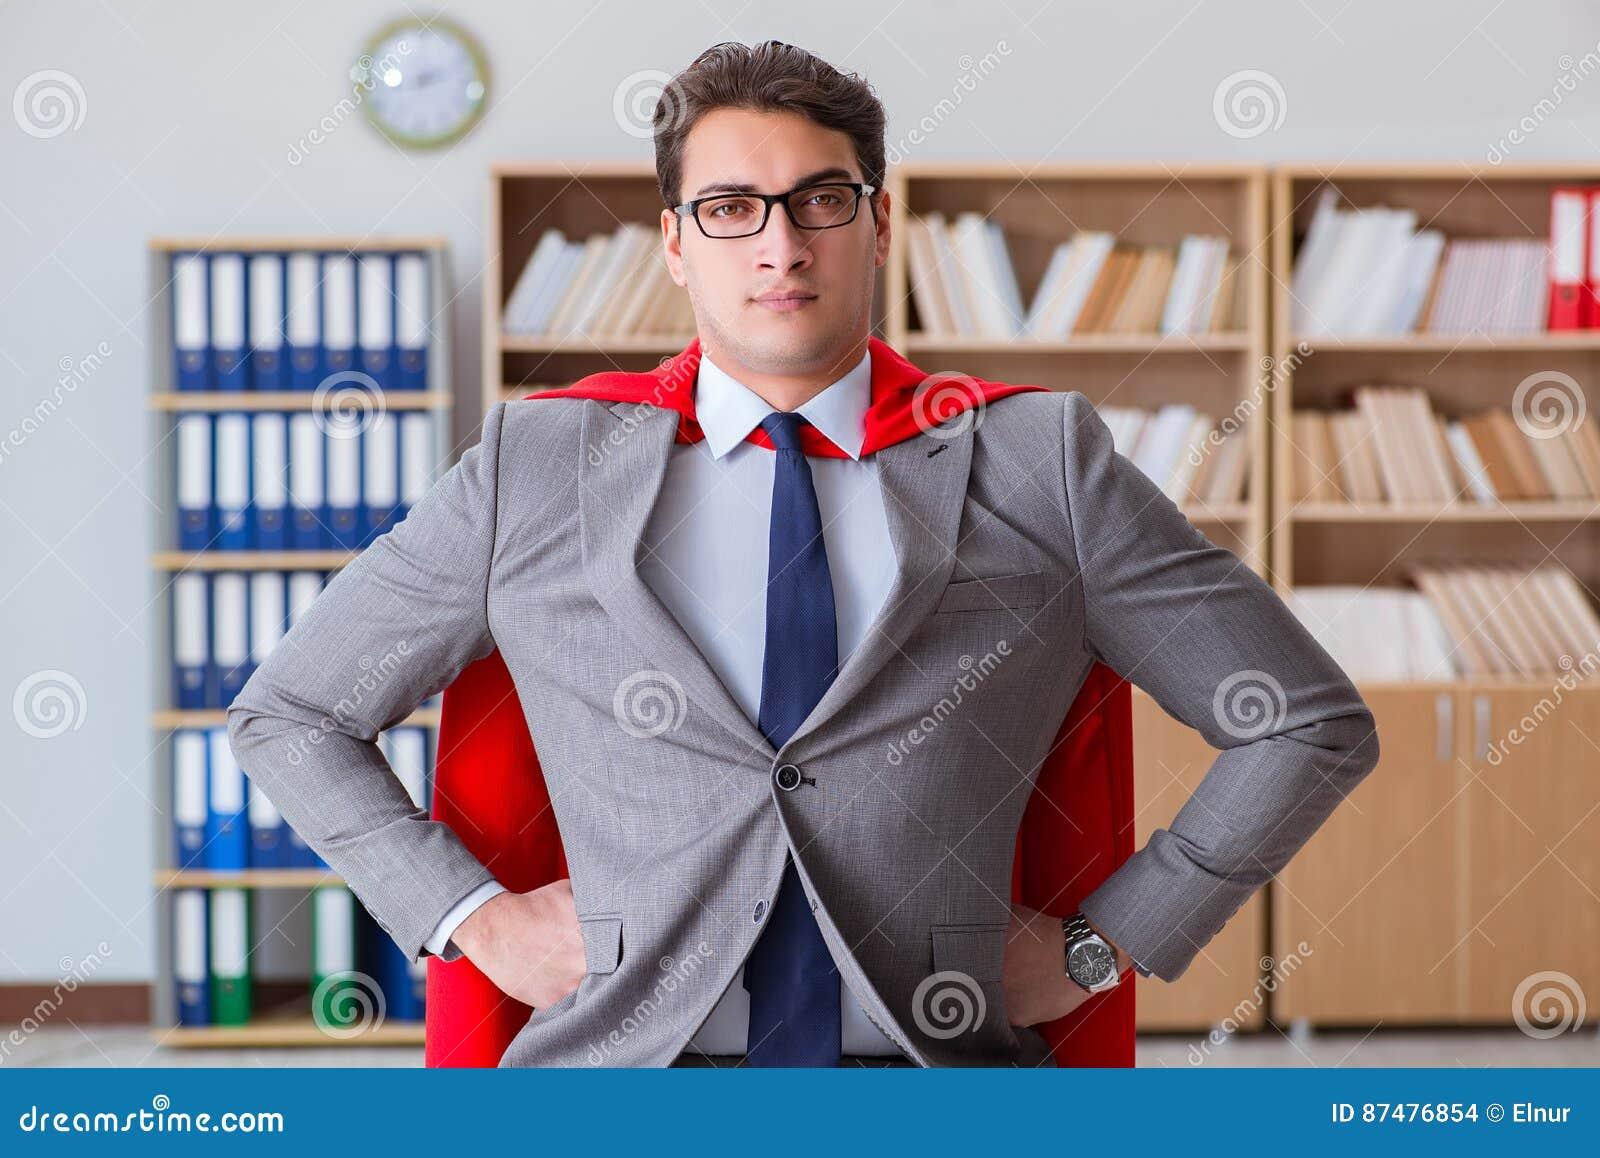 Der Superheldgeschäftsmann, der im Büro arbeitet